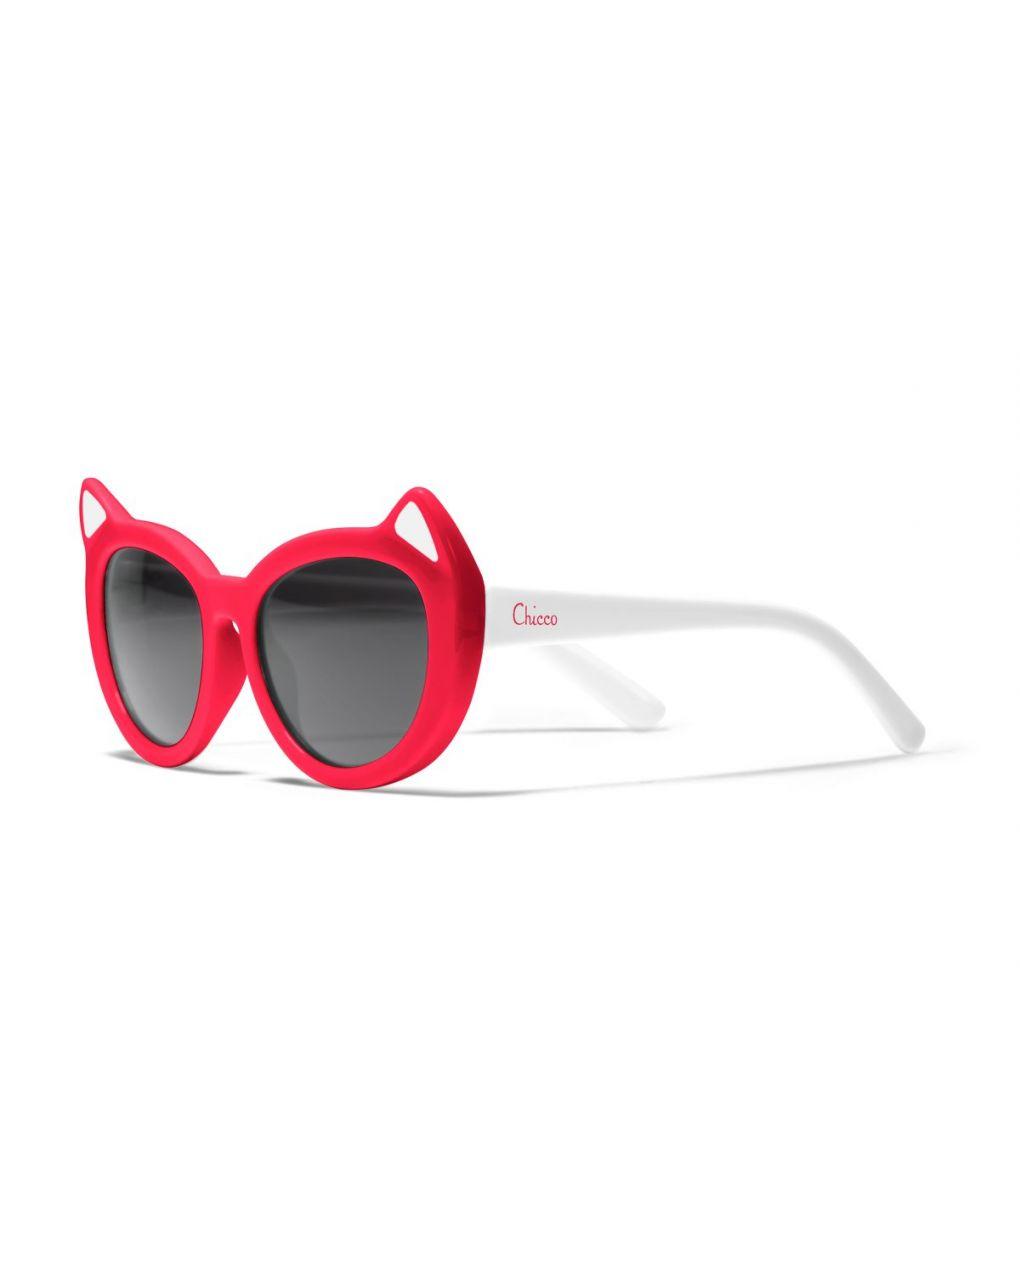 Chicco occhiali da sole 36m+ bimba - Chicco